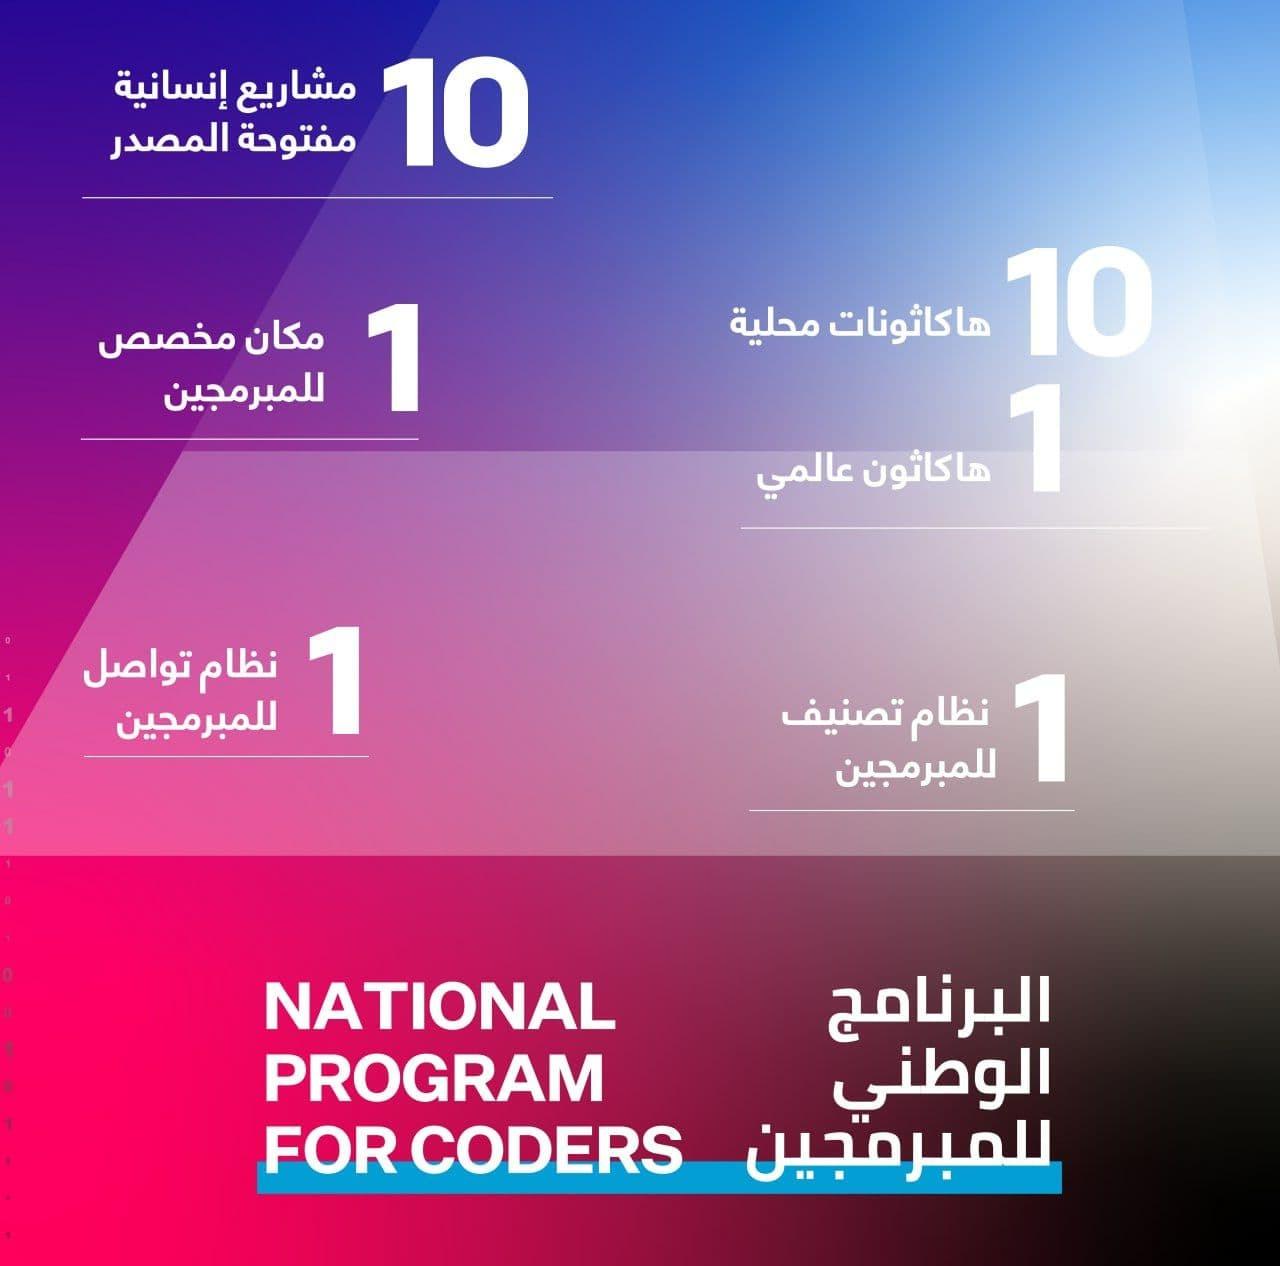 مقایسه برنامه امارات را با برنامه مجلس انقلابی مقایسه کنید